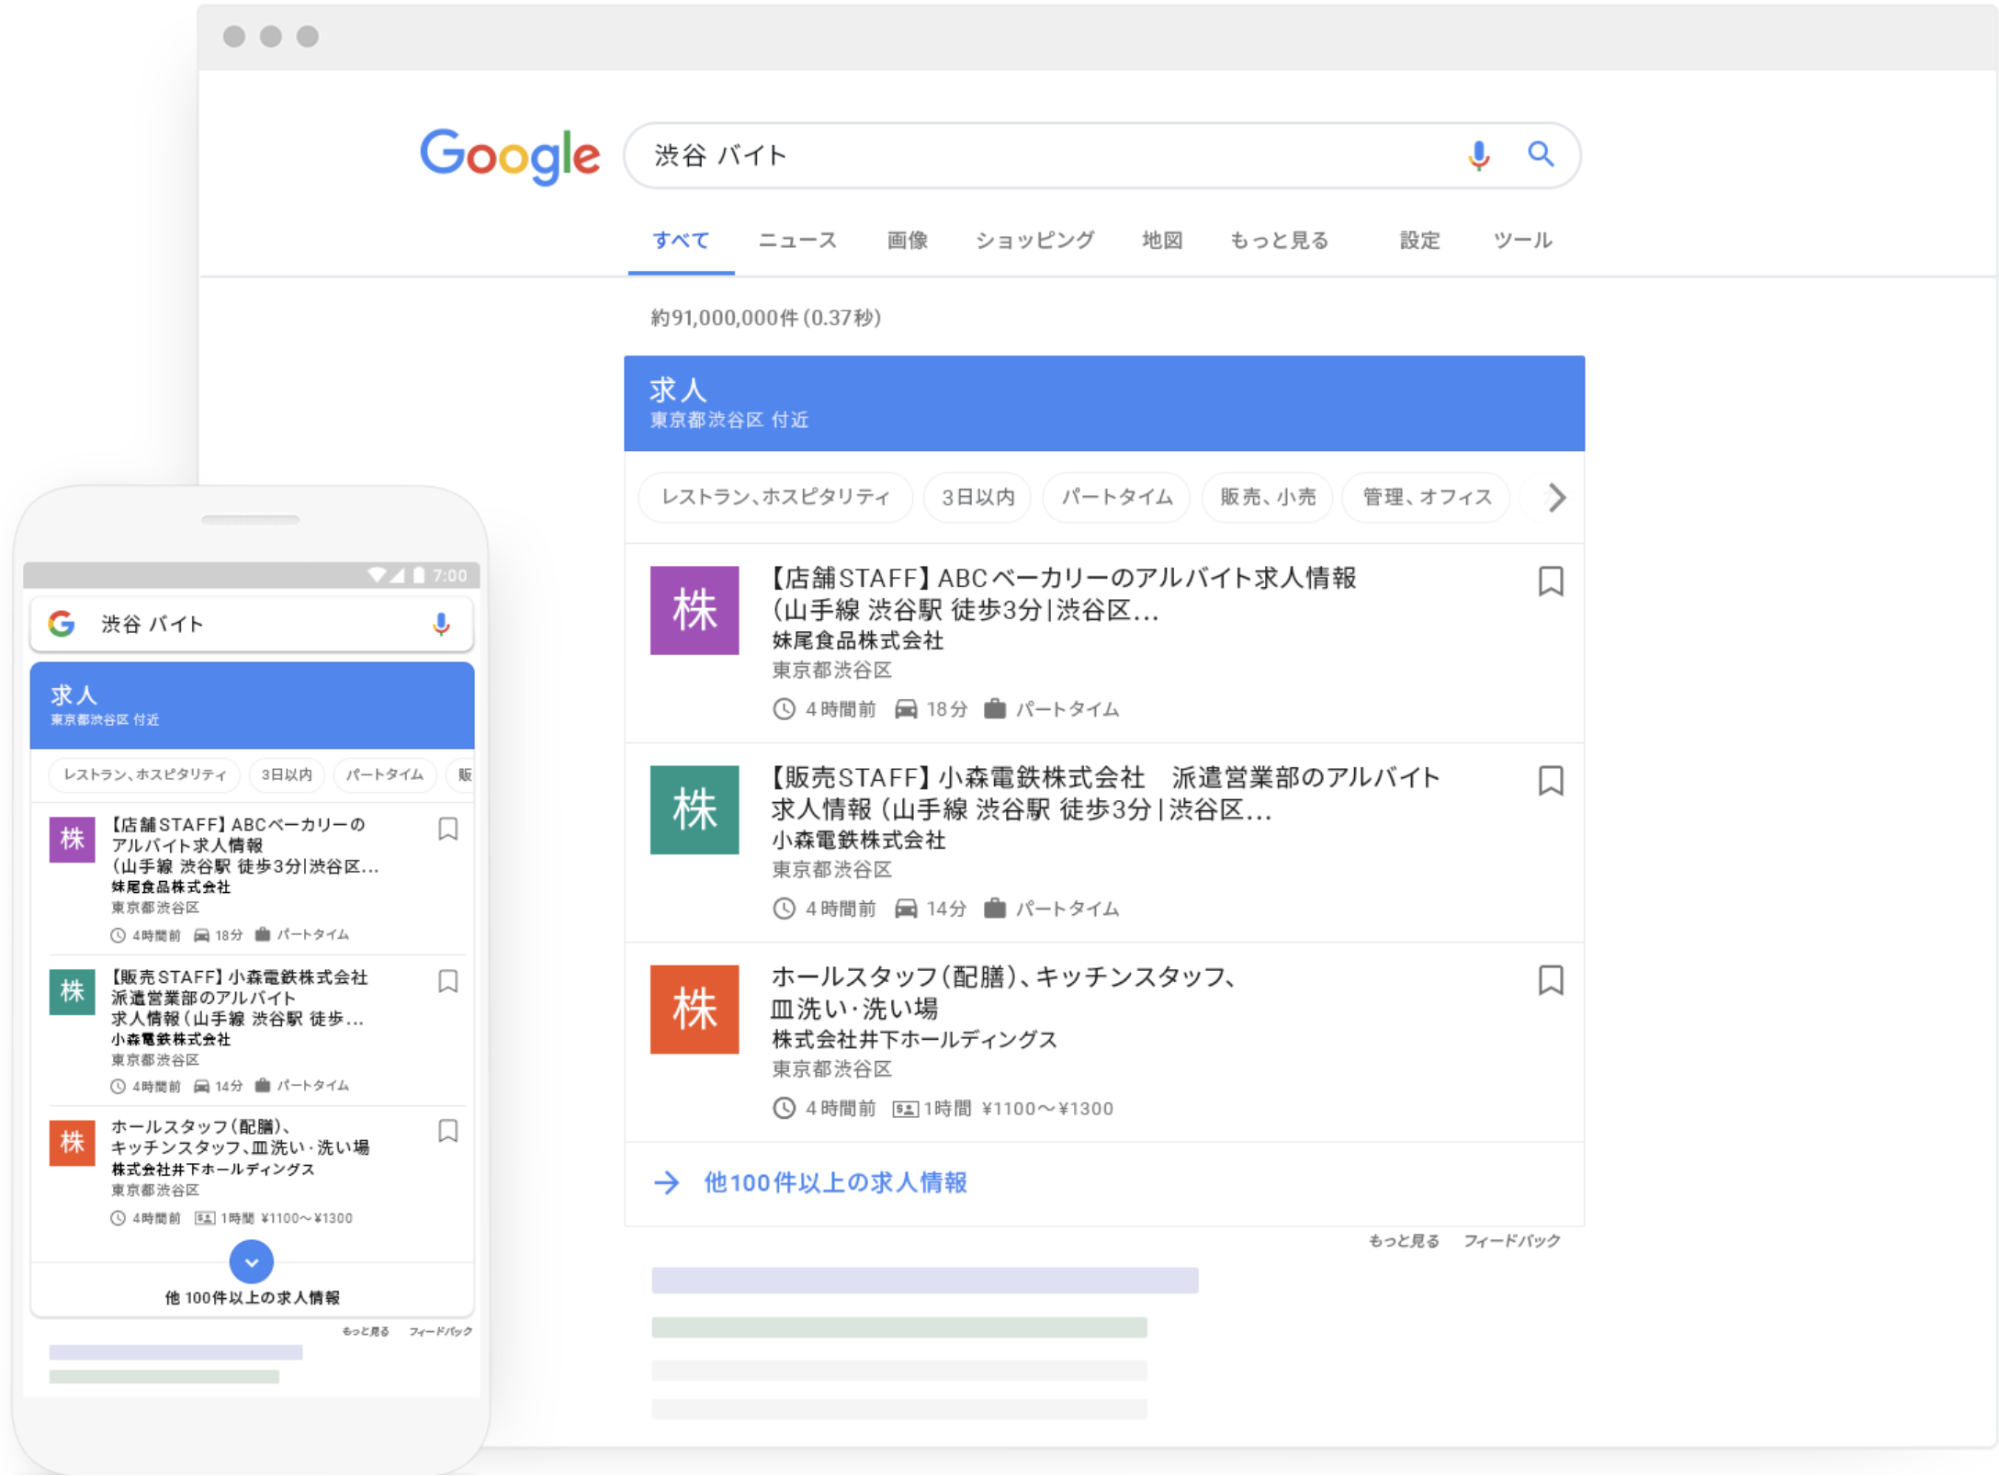 Google仕事検索画像